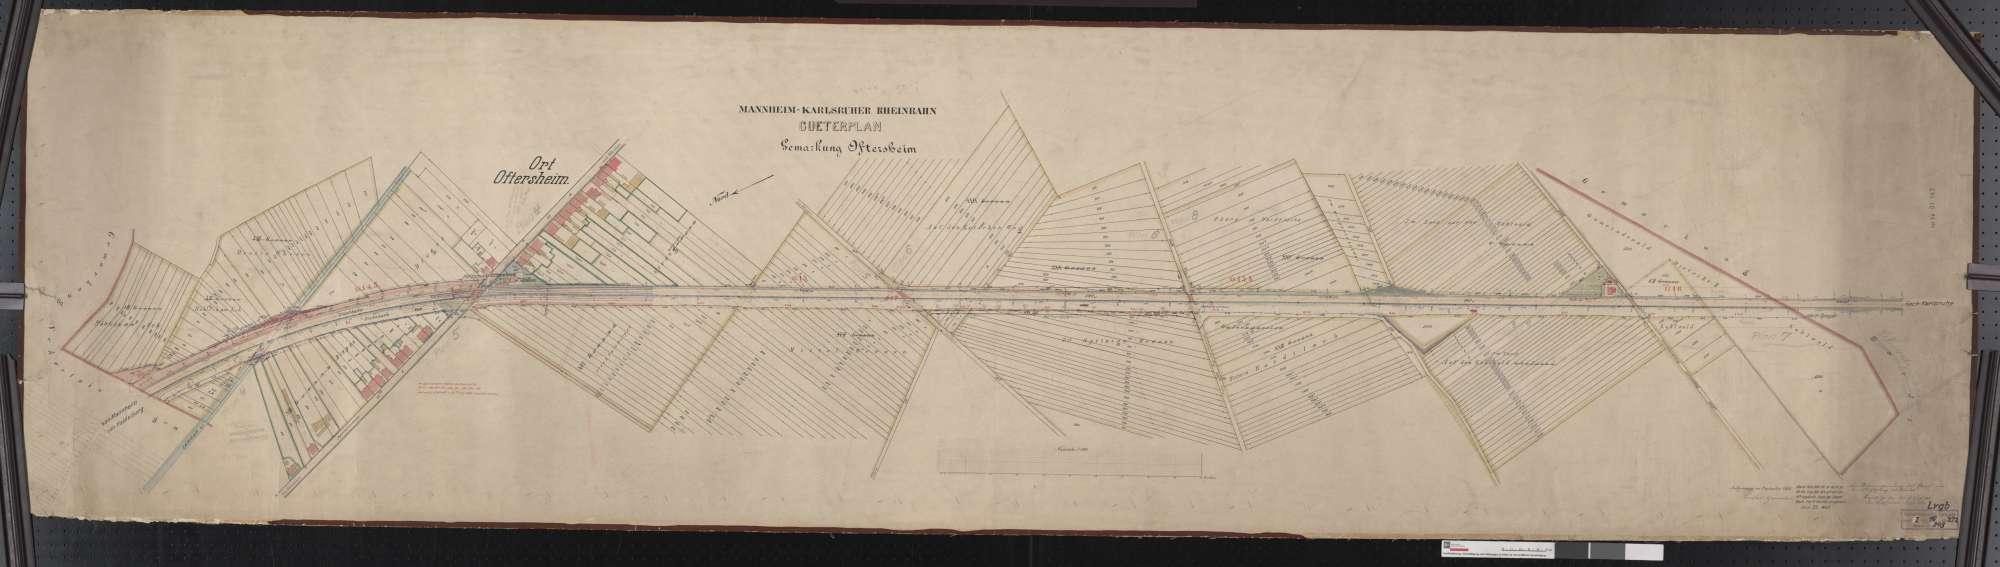 Güterplan der Mannheim-Karlsruher Rheinbahn: Gemarkung Oftersheim Streckenausschnitt: 14,3 bis 16,2 km, Bild 1